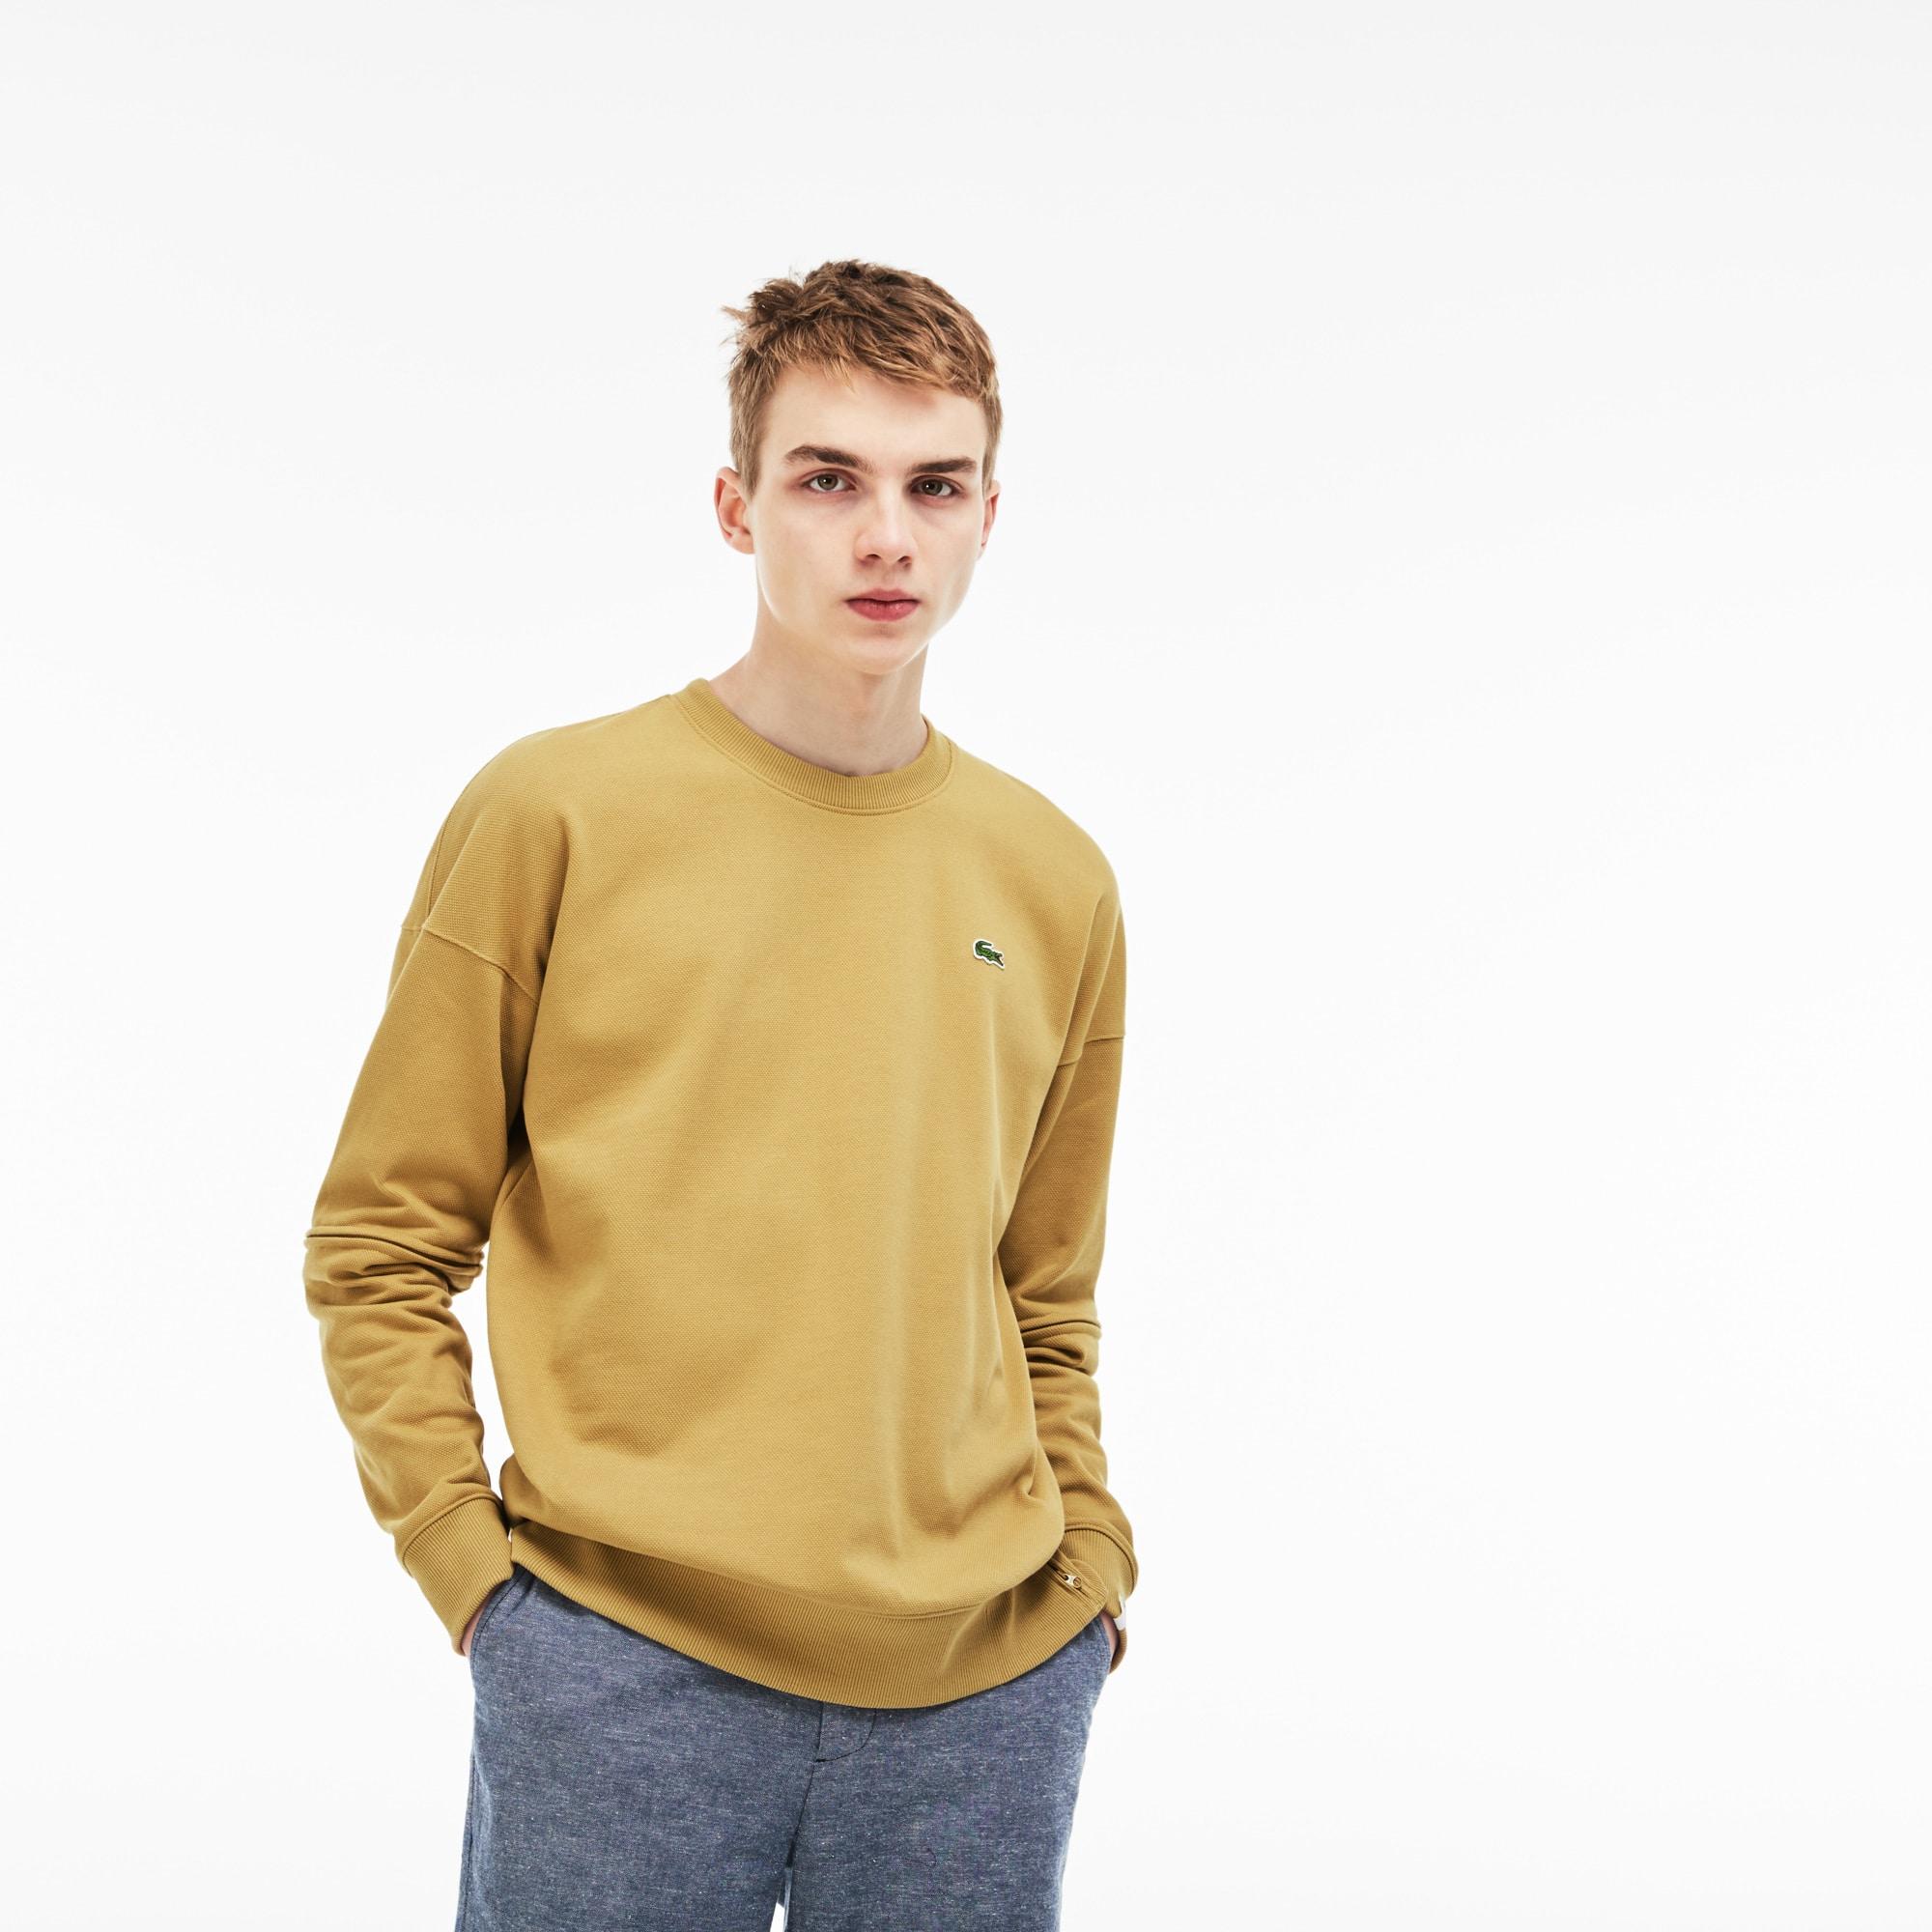 Herren LACOSTE LIVE weites Sweatshirt aus Fleece-Piqué